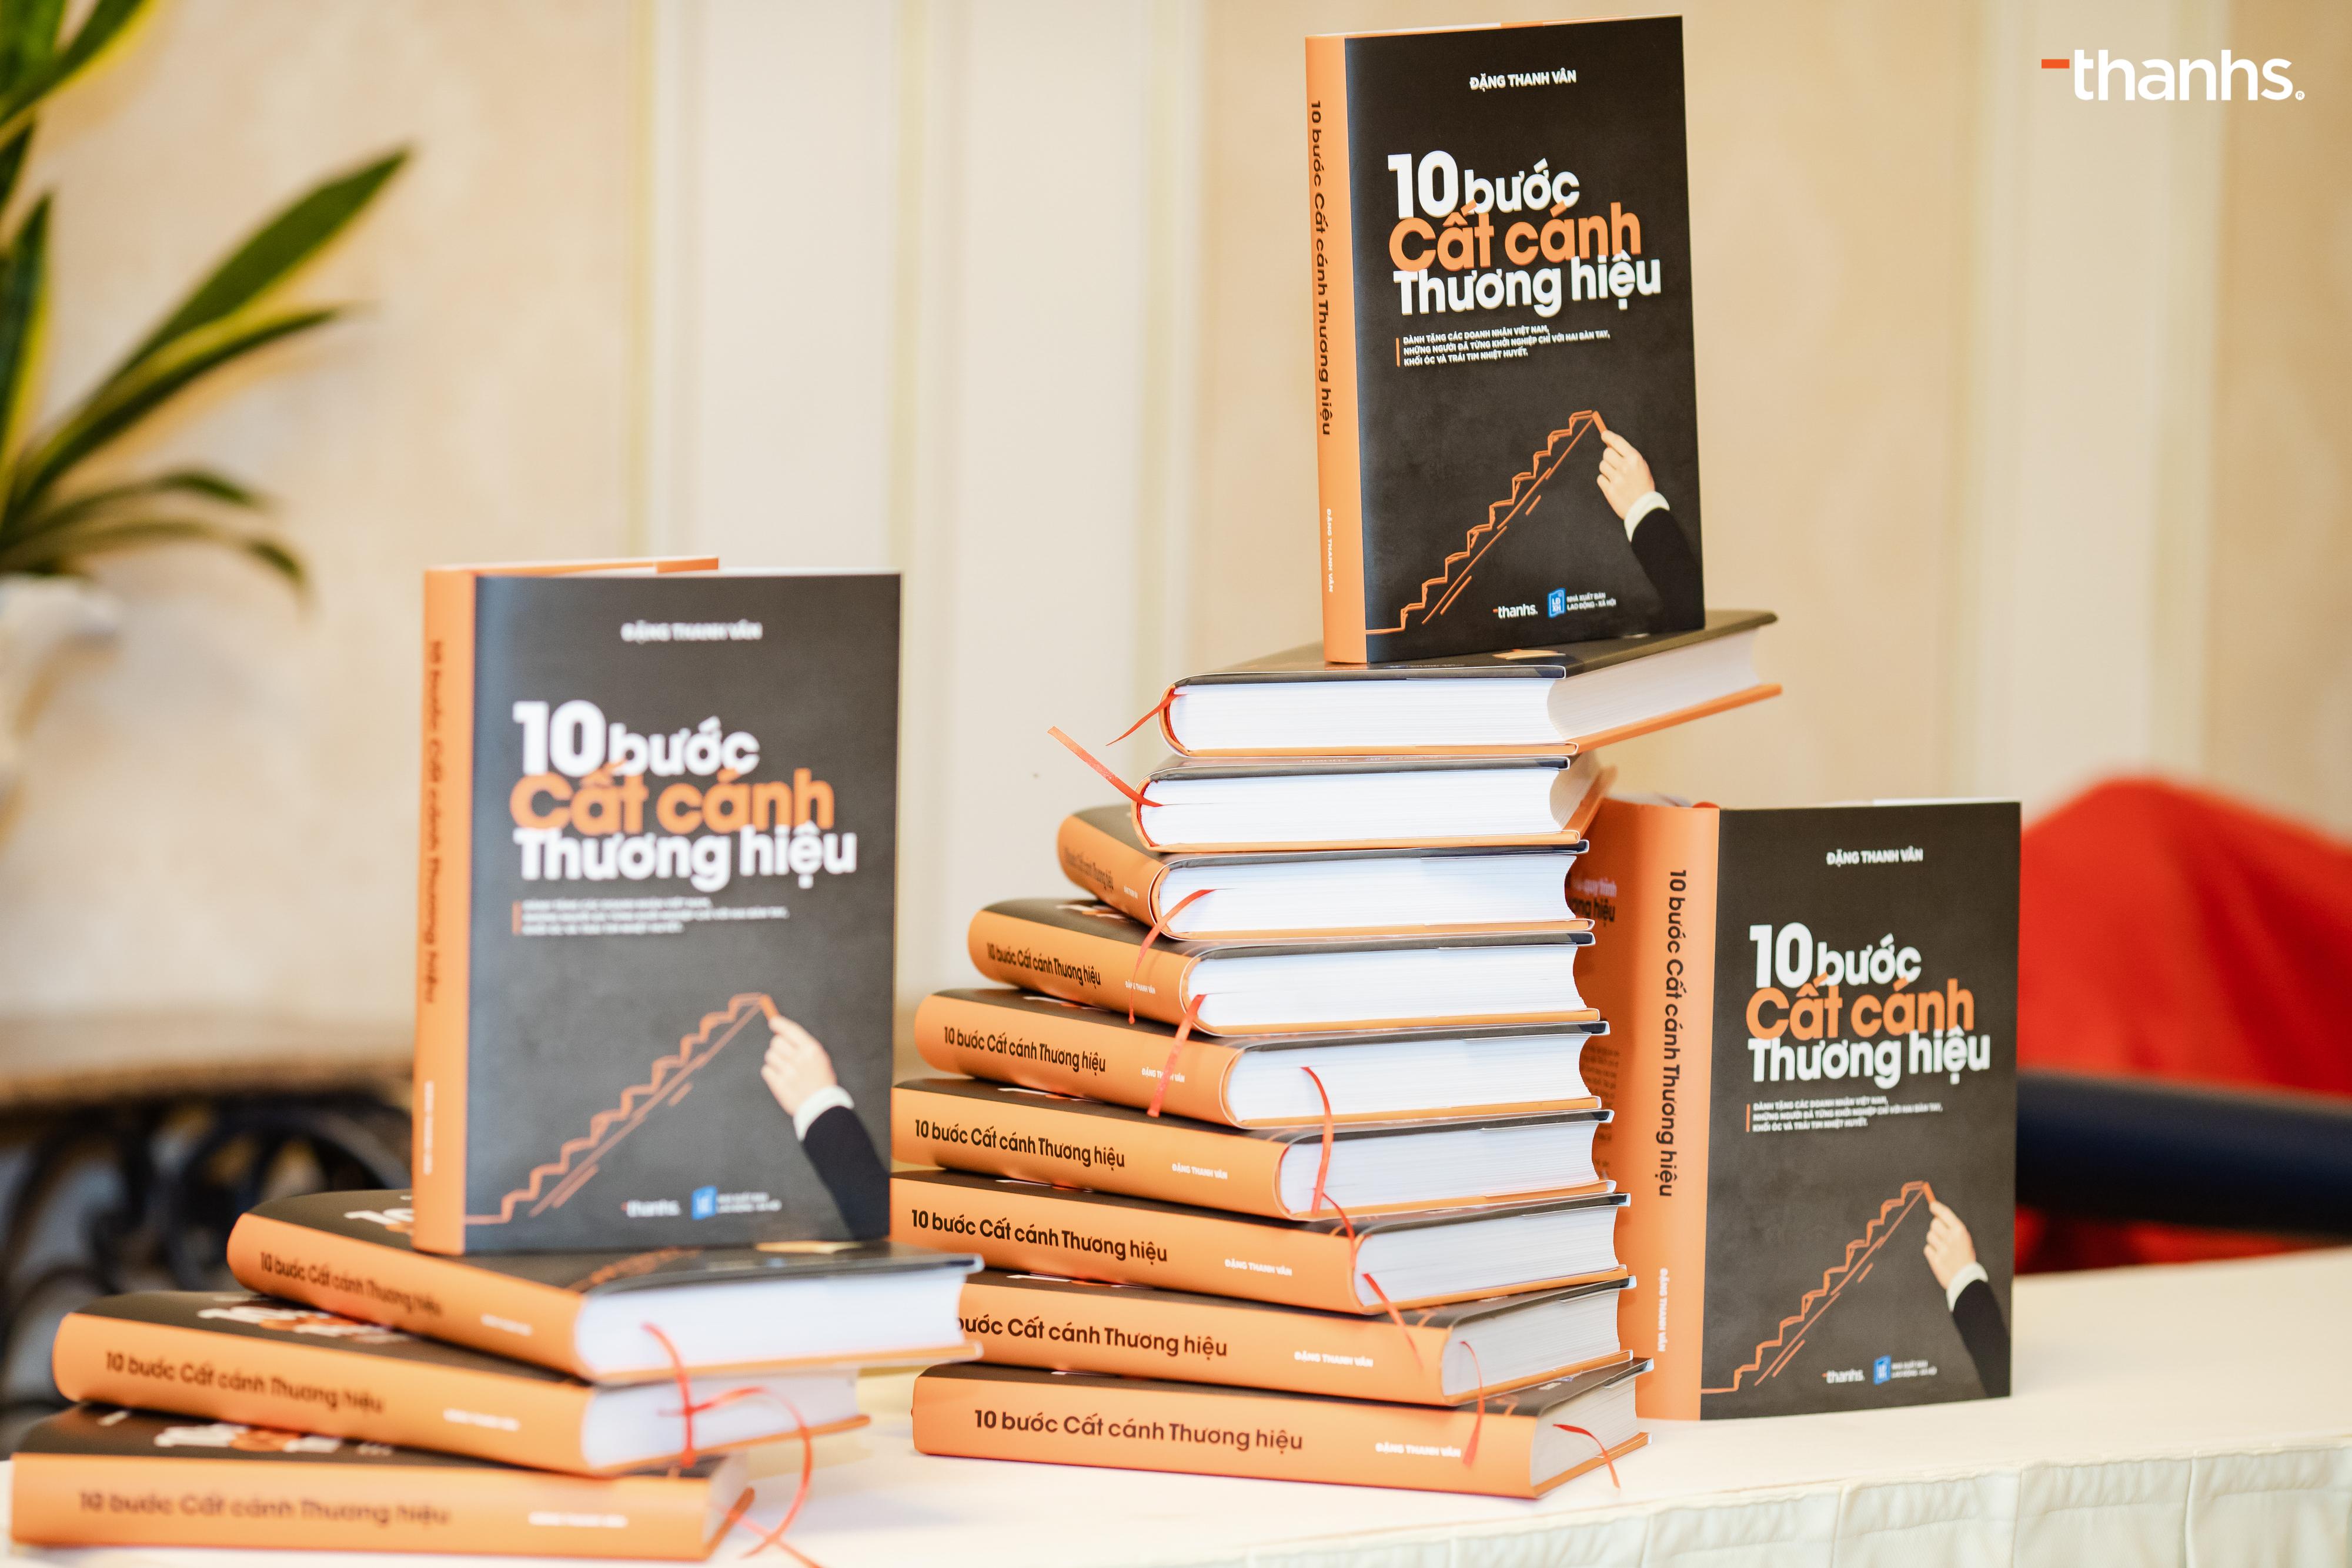 Sách 10 Bước Cất cánh Thương hiệu - Phiên bản 2020